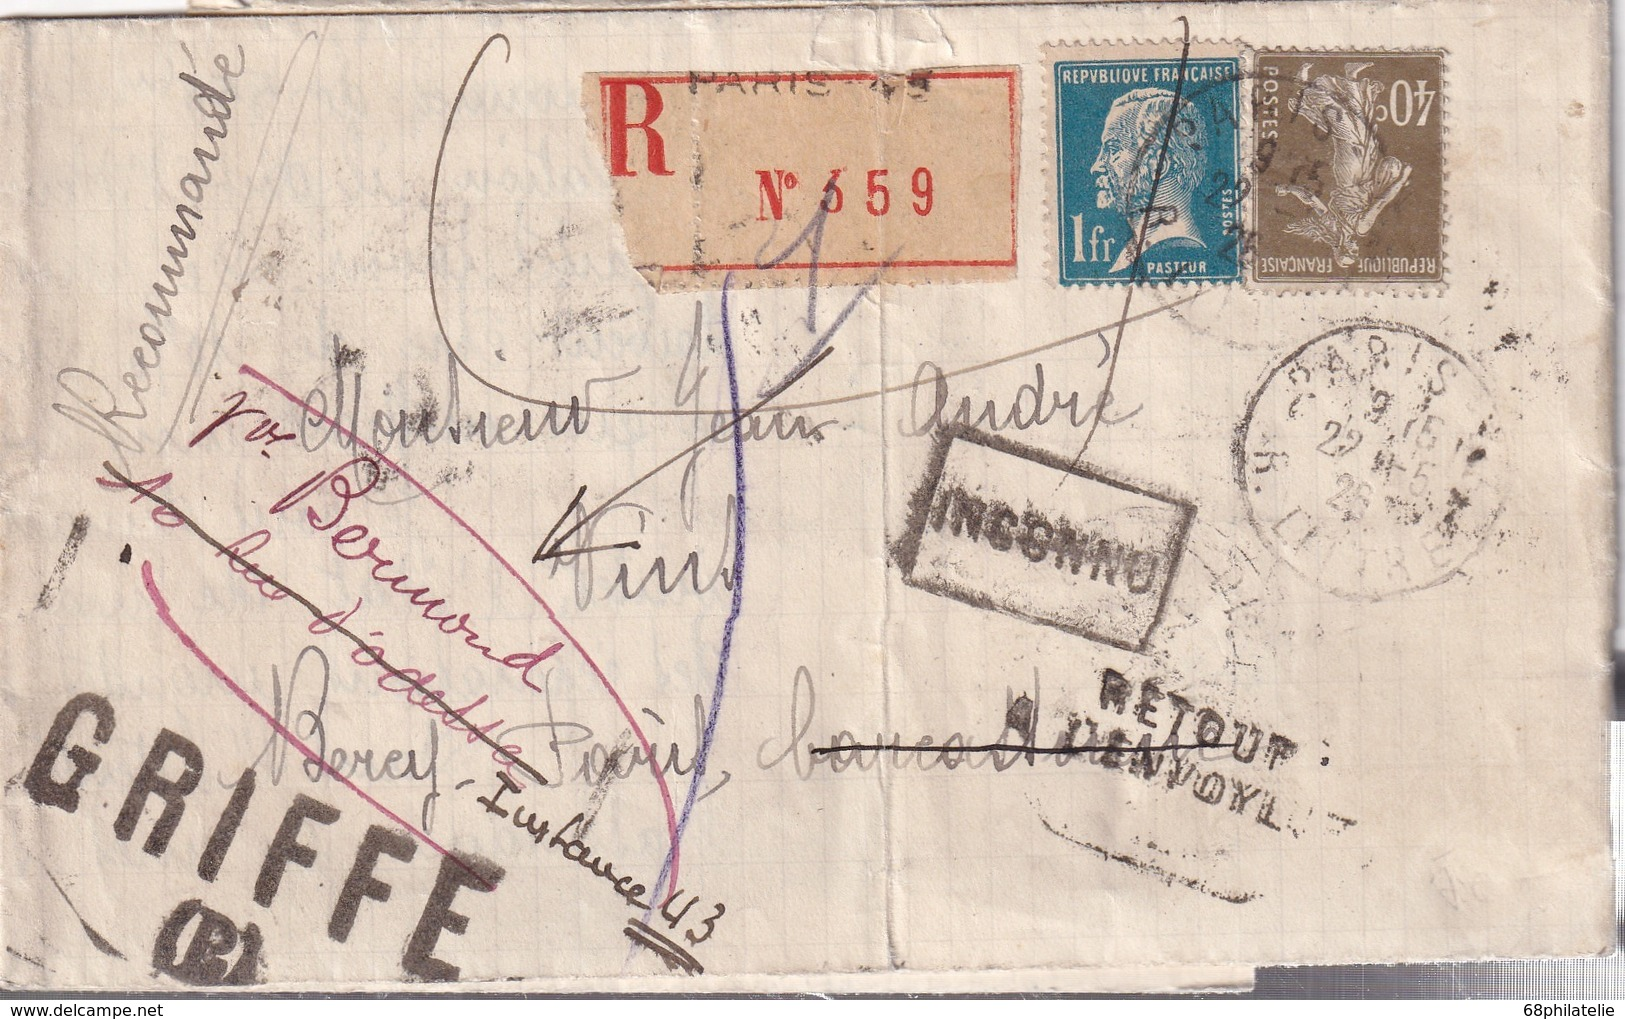 FRANCE1926 LETTRE RECOMMANDEE DE PARIS AVEC RETOUR A L'ENVOYEUR - Marcophilie (Lettres)